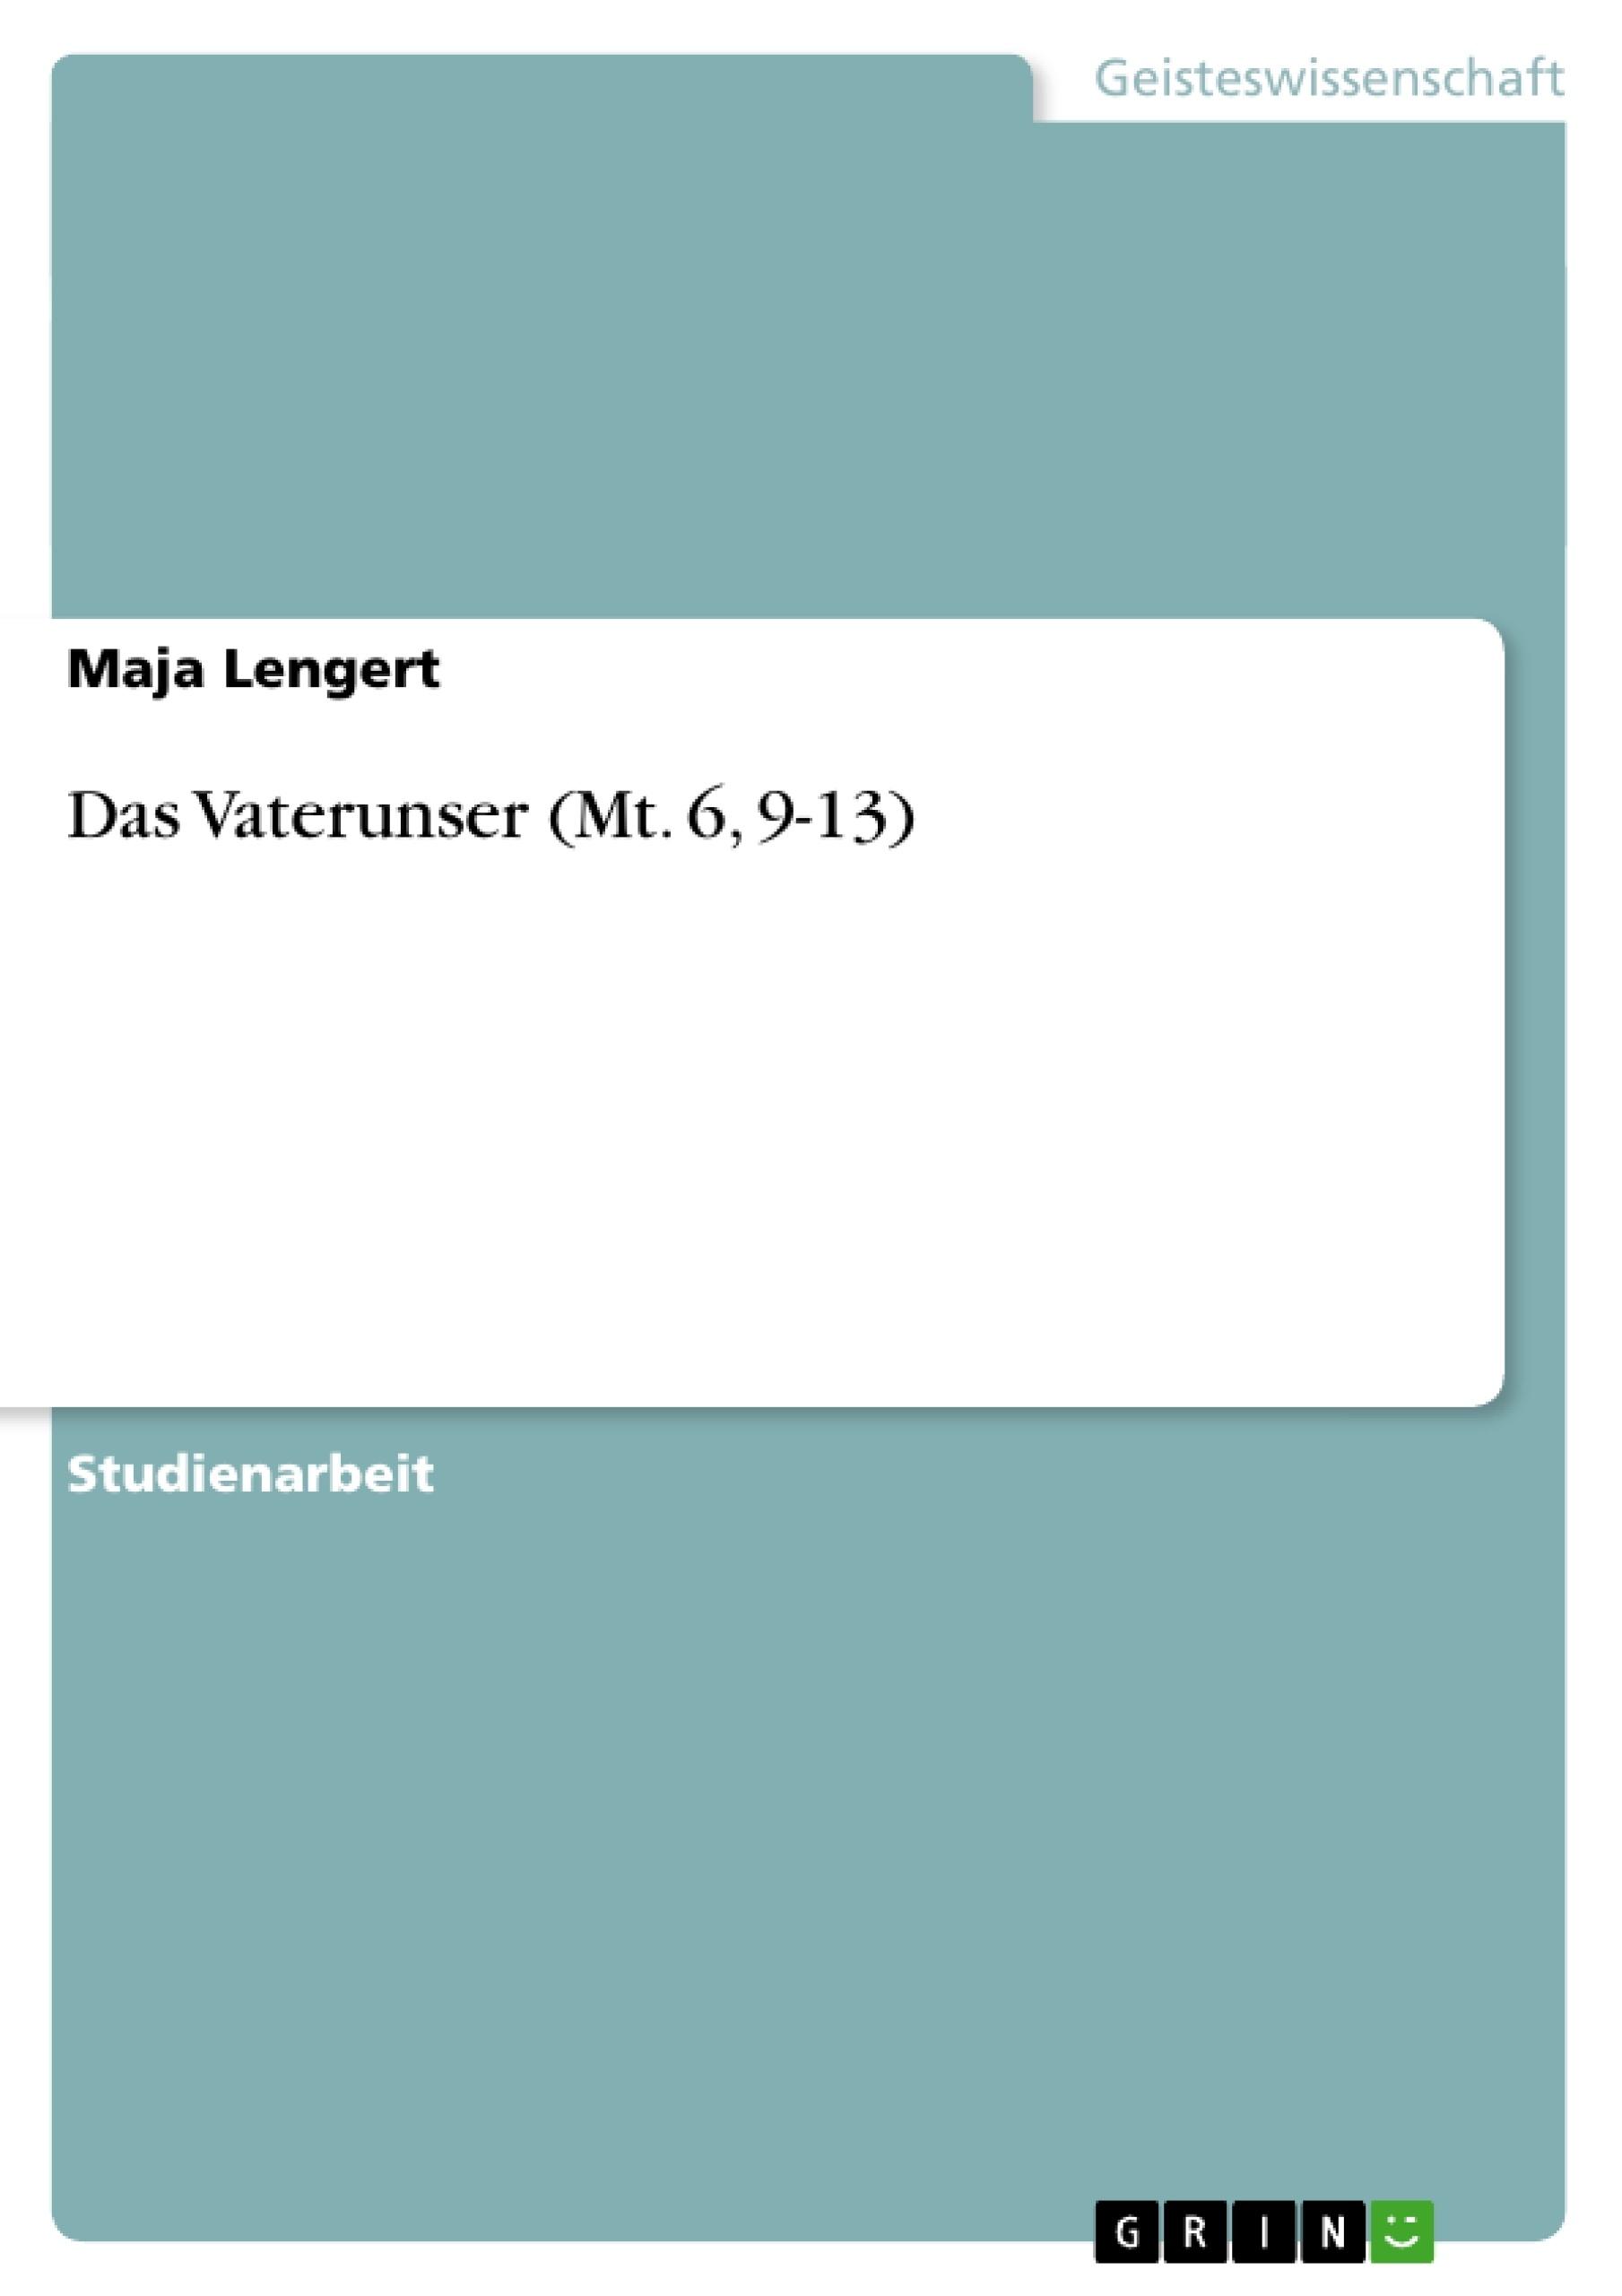 Titel: Das Vaterunser (Mt. 6, 9-13)